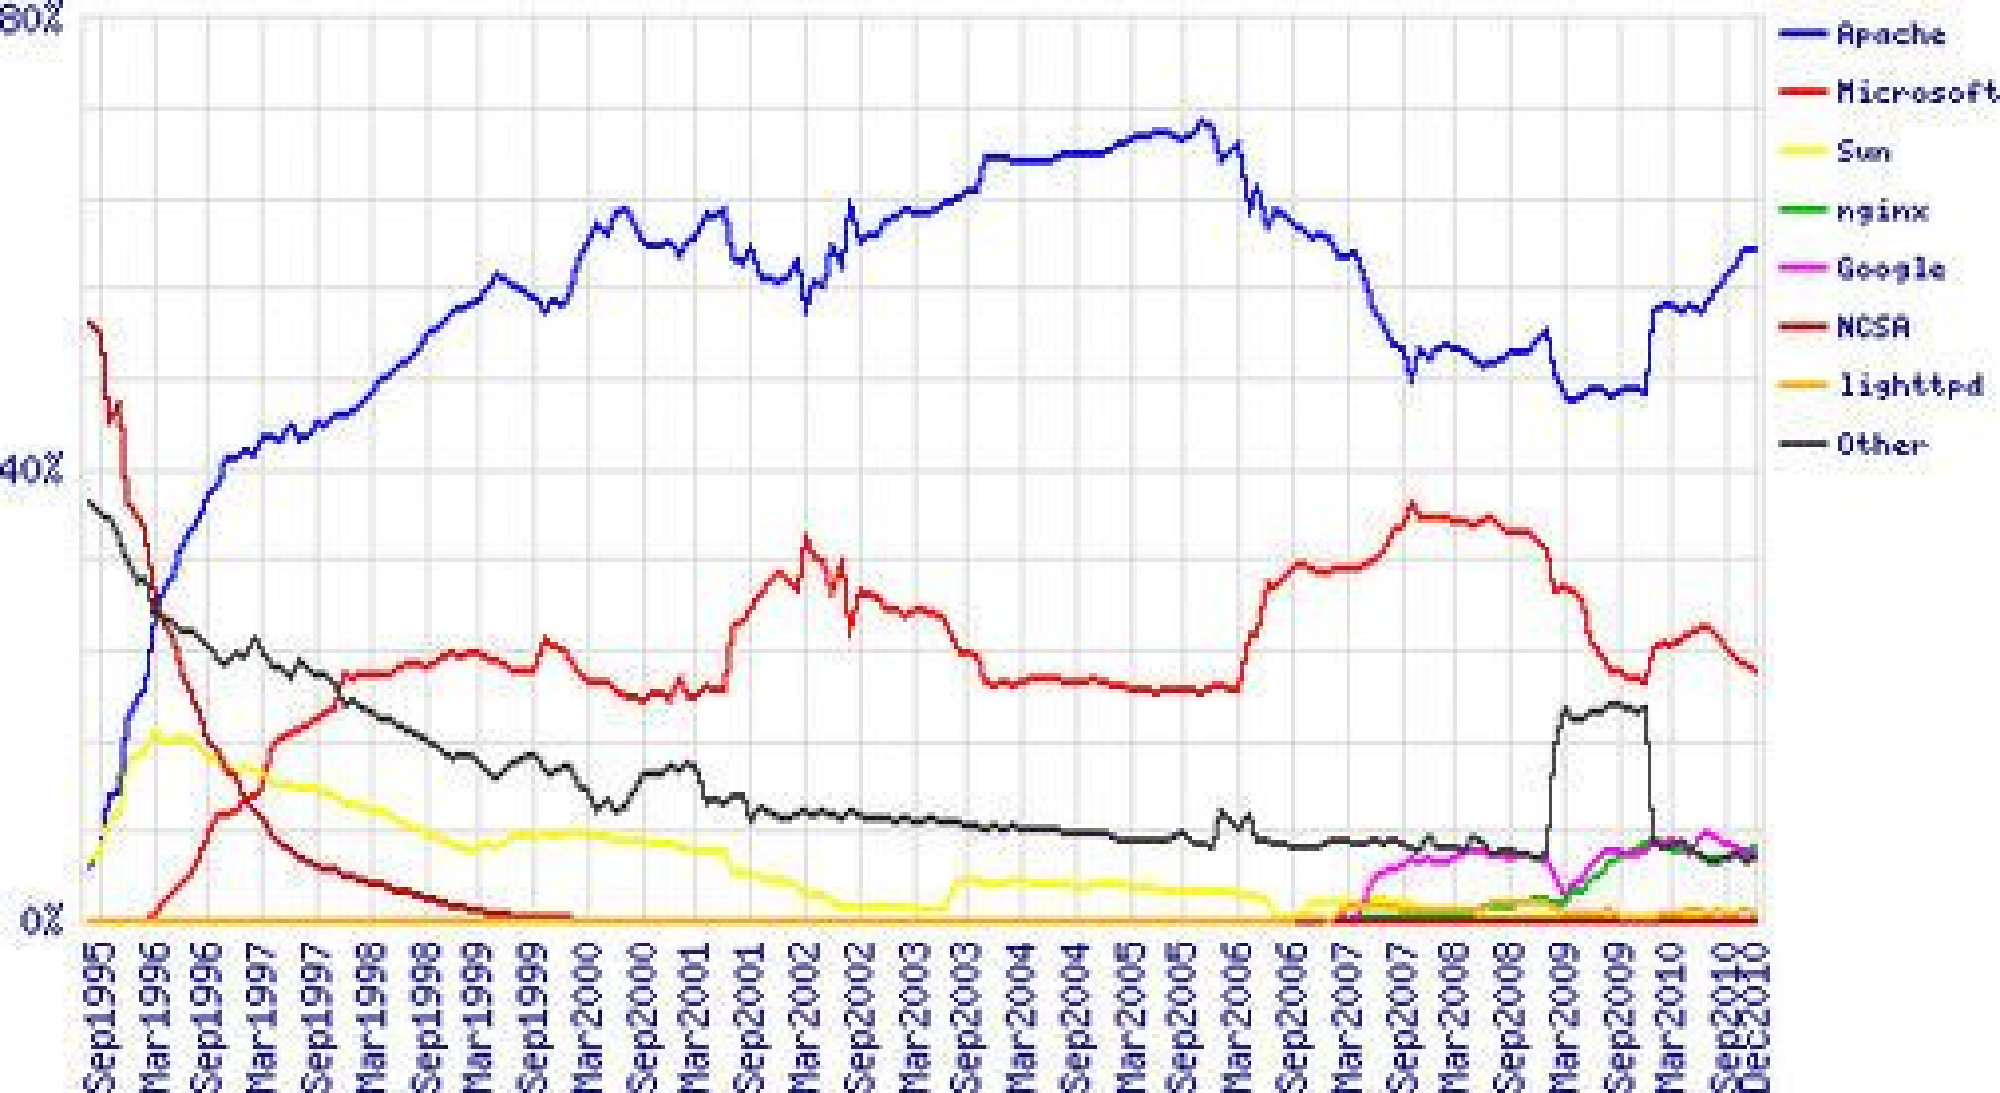 Markedsandelen til ulike webserverer i perioden august 1995 til desember 2010